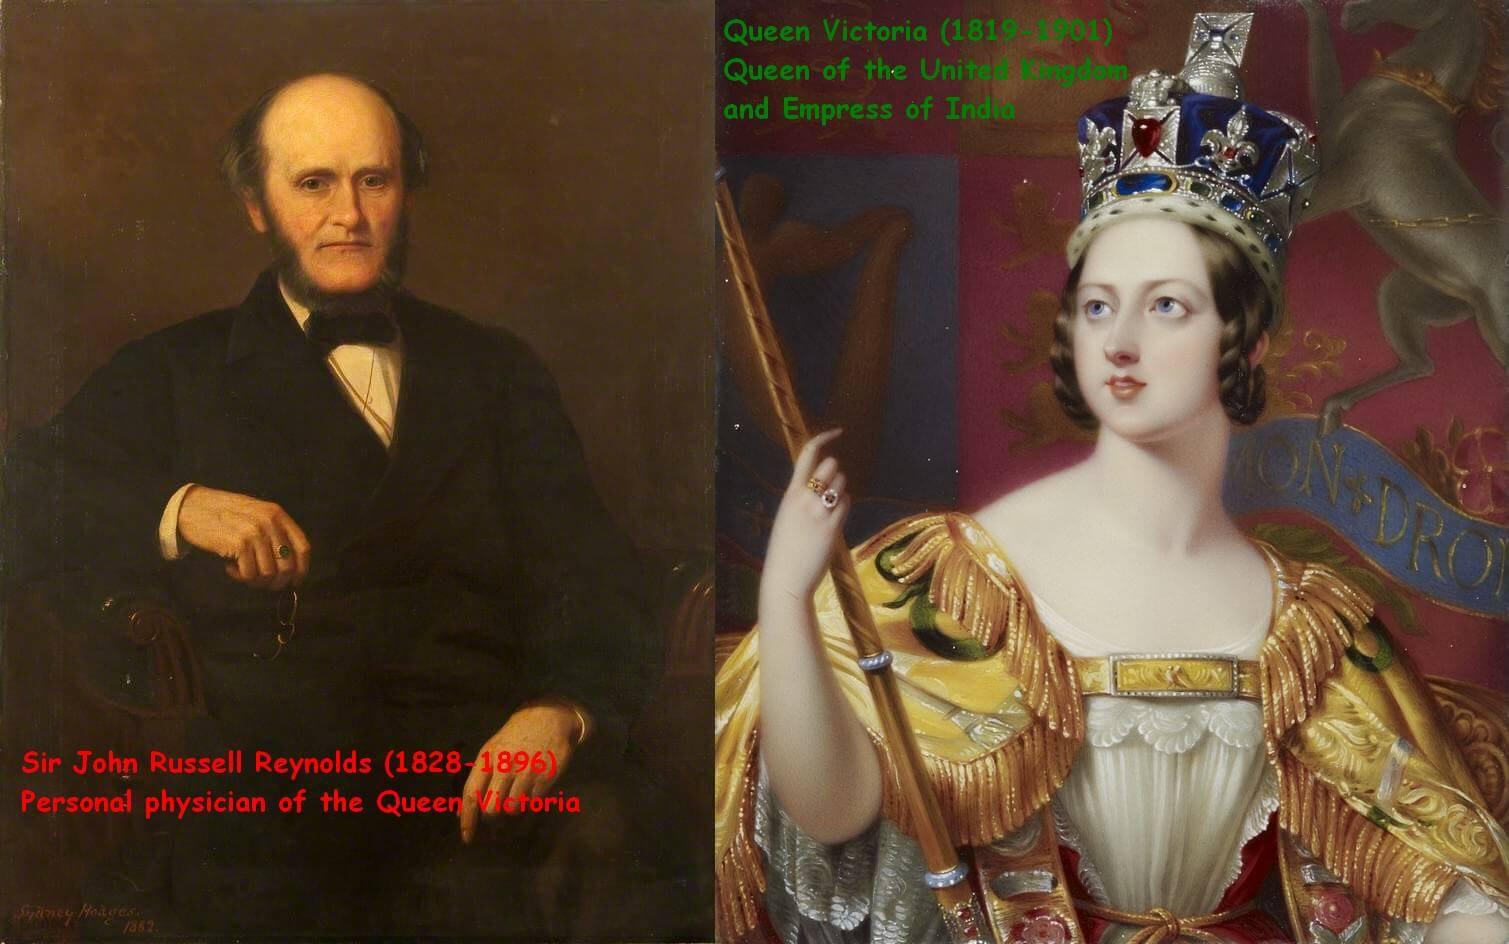 Le Dr John Russell Reynolds prescrivait régulièrement du cannabis à la Reine Victoria